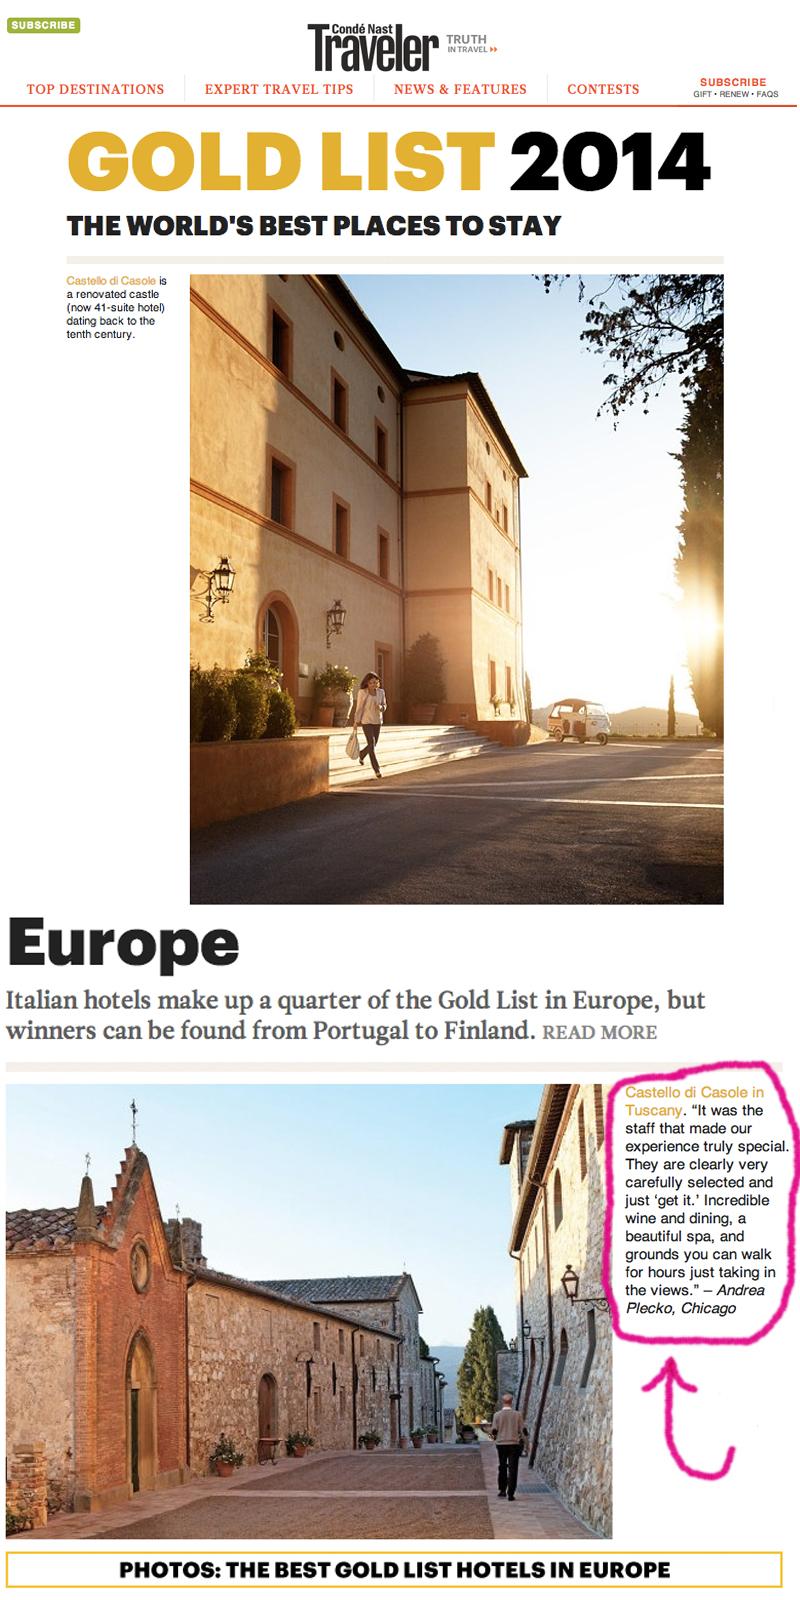 images via:  Condé Nast Traveler